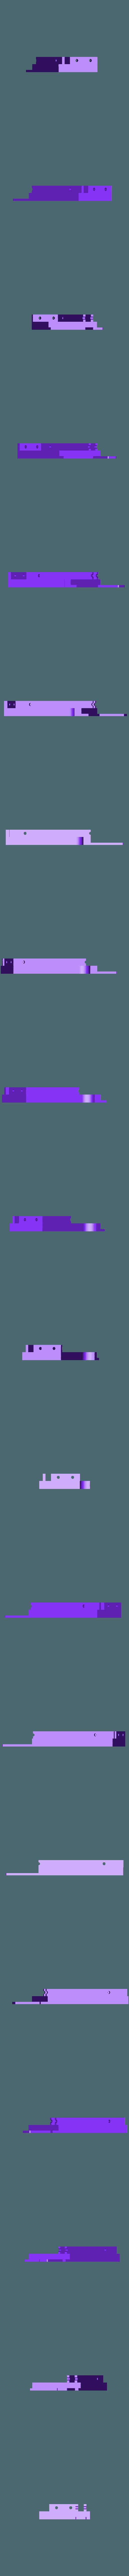 BottomRight.stl Télécharger fichier STL gratuit Anet A8 Renforcement de structure • Modèle à imprimer en 3D, Israel_OE